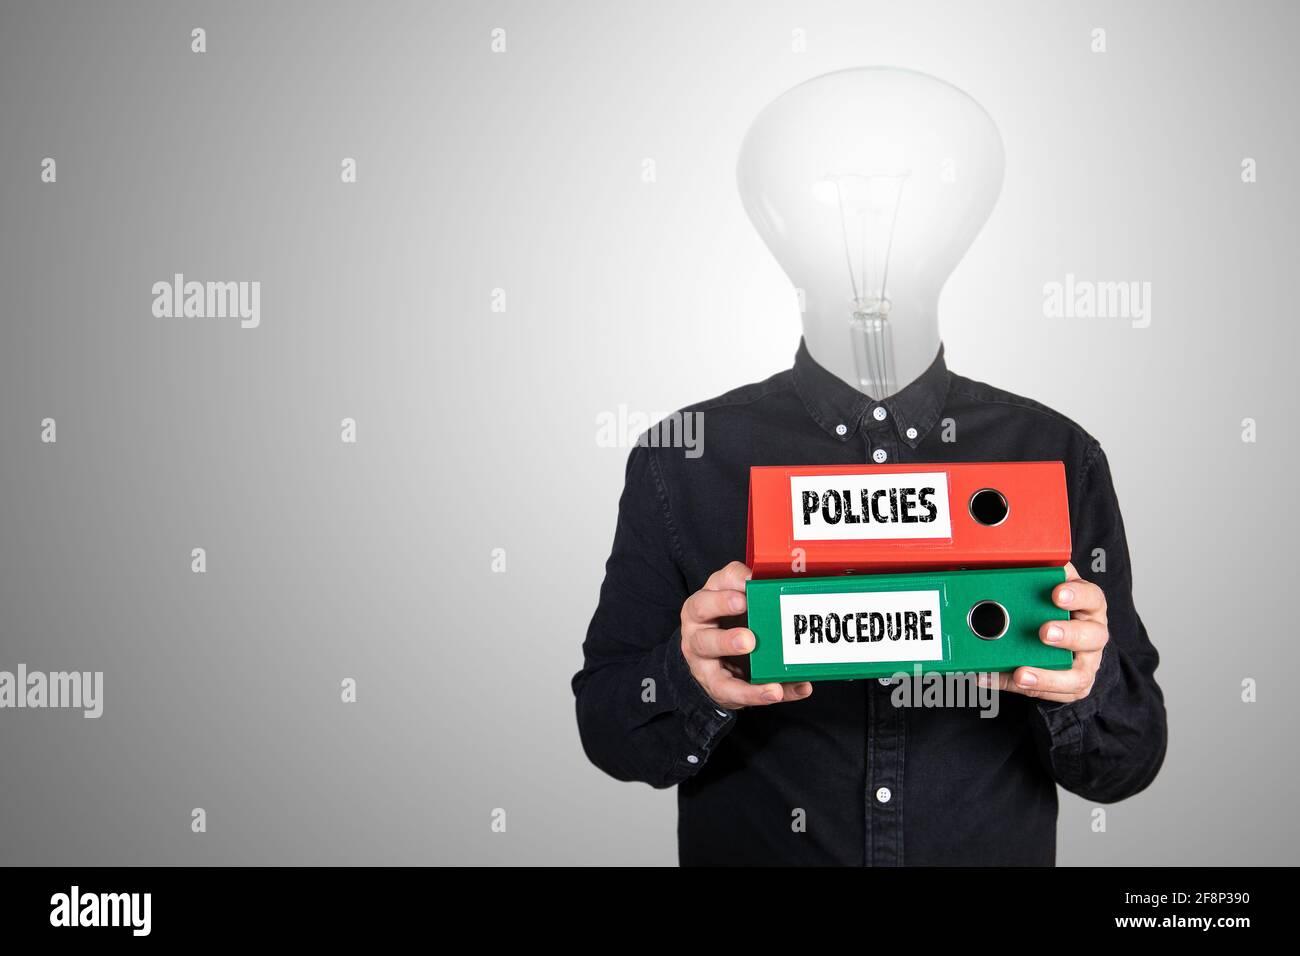 Politiche e procedure. Uomo d'affari astratto con cartelle di documenti in mano. Foto Stock